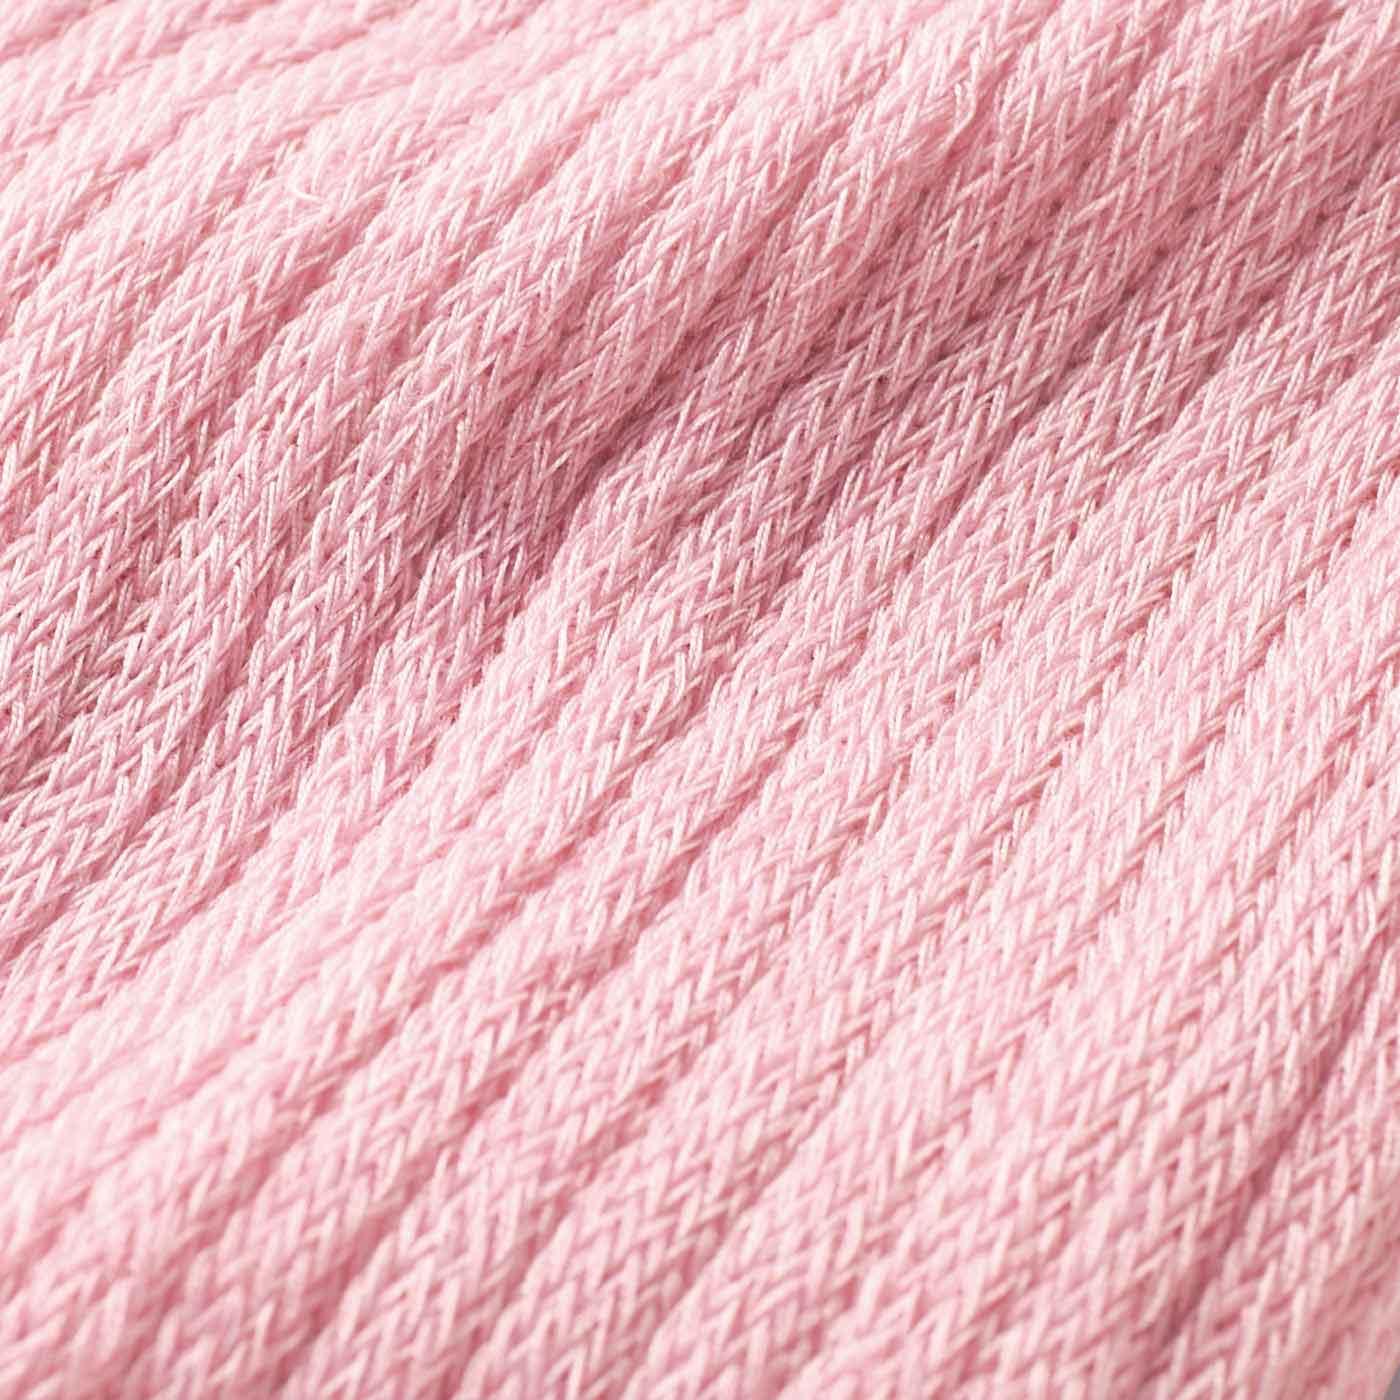 表側 ゆるく編み立てた、やわらかな肌ざわり。